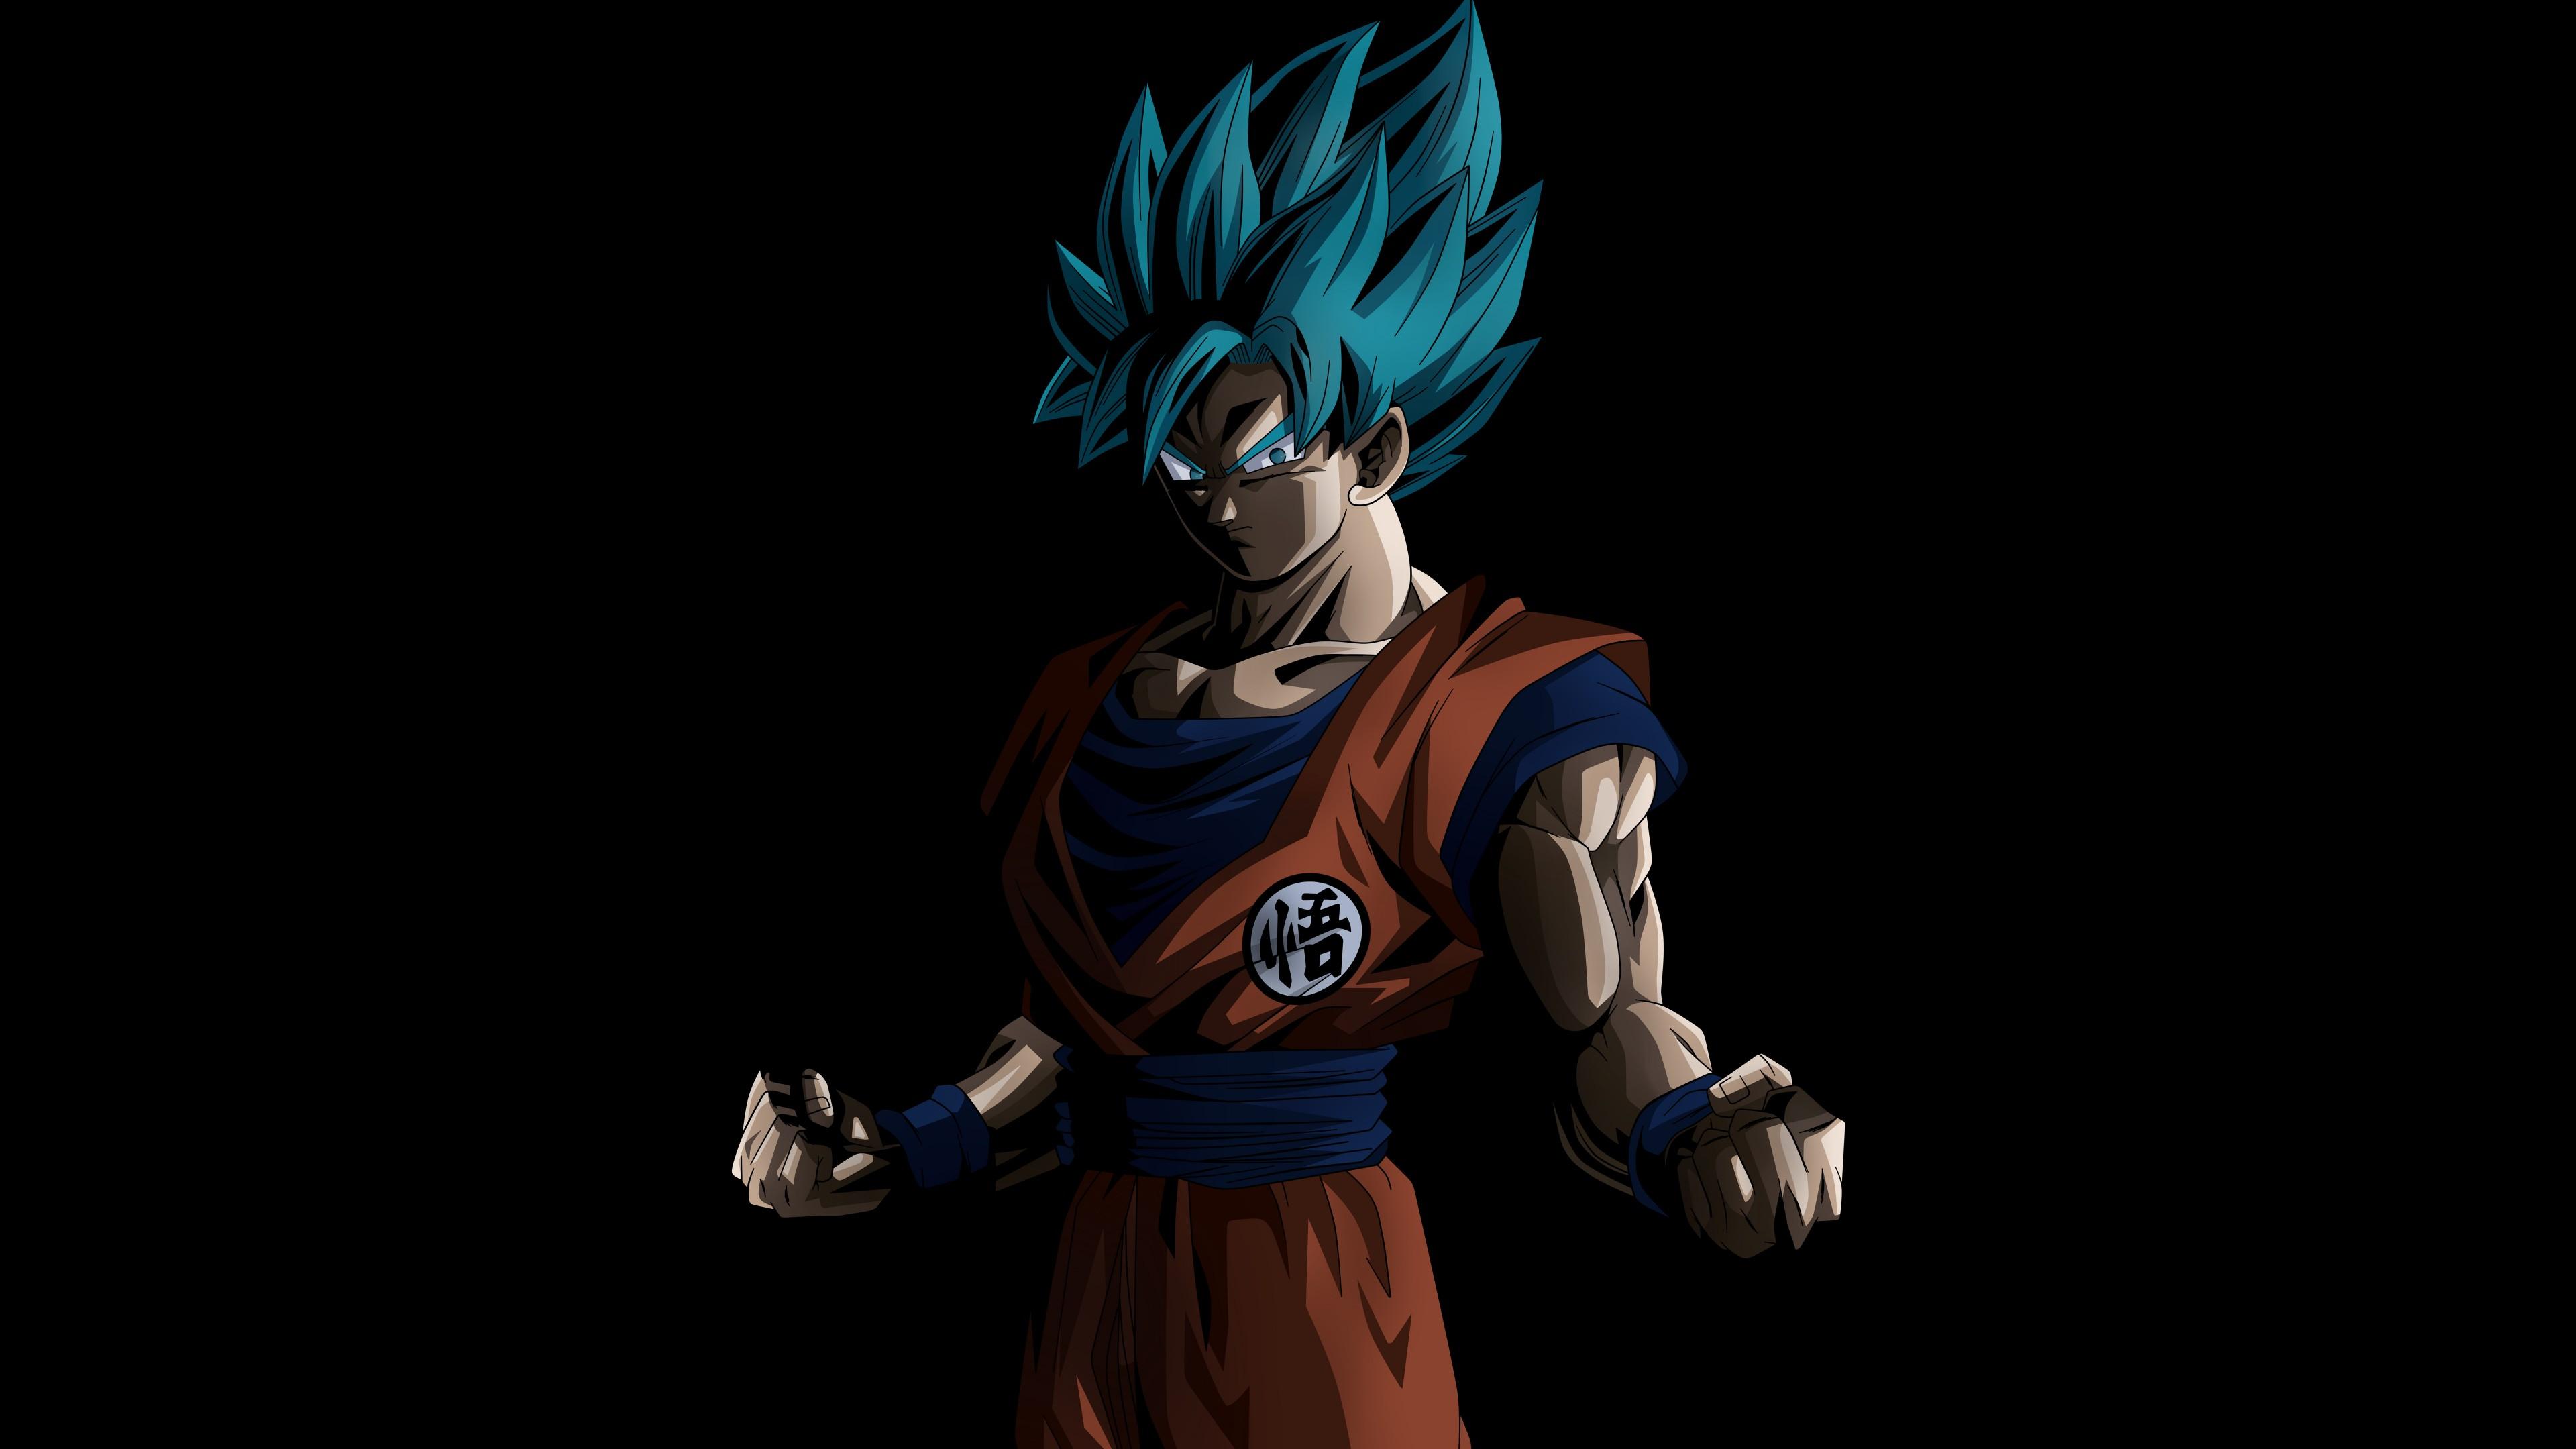 Воин с синими волосами ,голубыми глазами и сжатыми кулаками на черном фоне